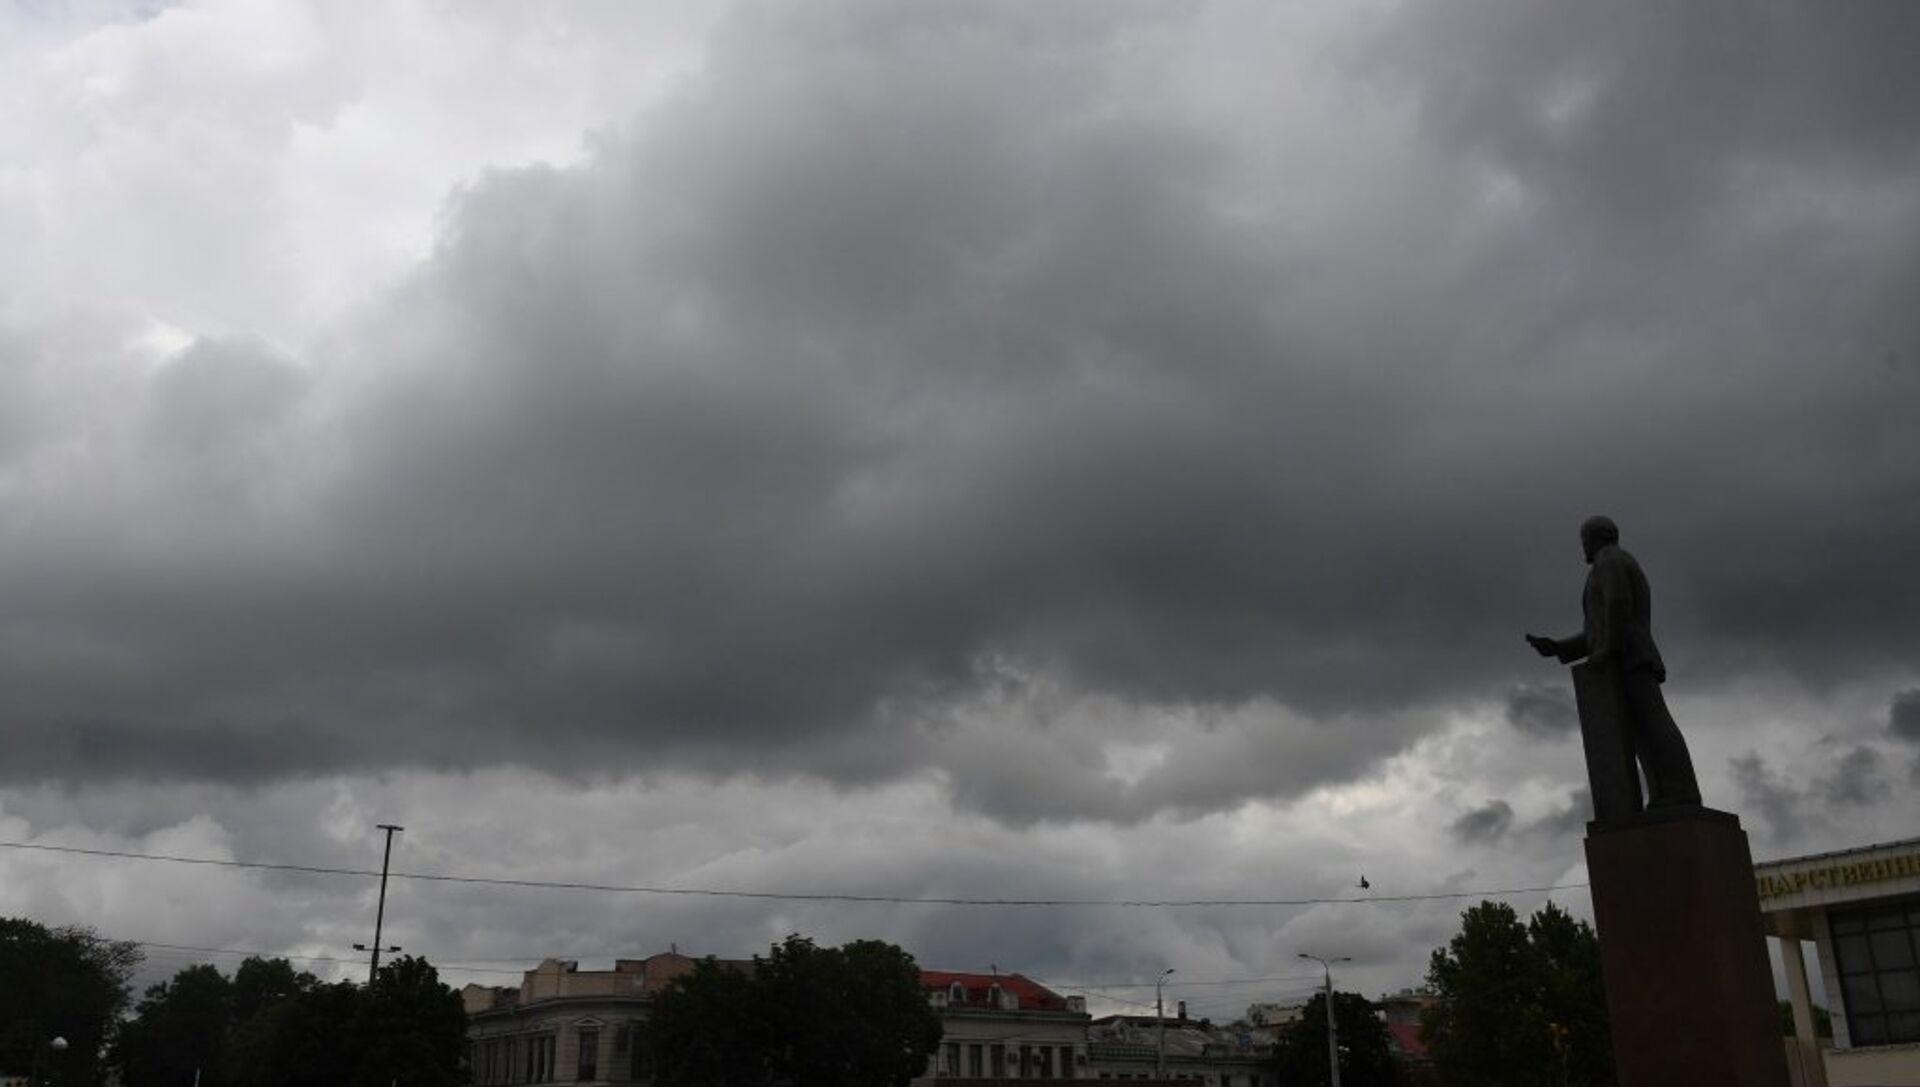 Непогода в Симферополе - РИА Новости, 1920, 02.11.2020